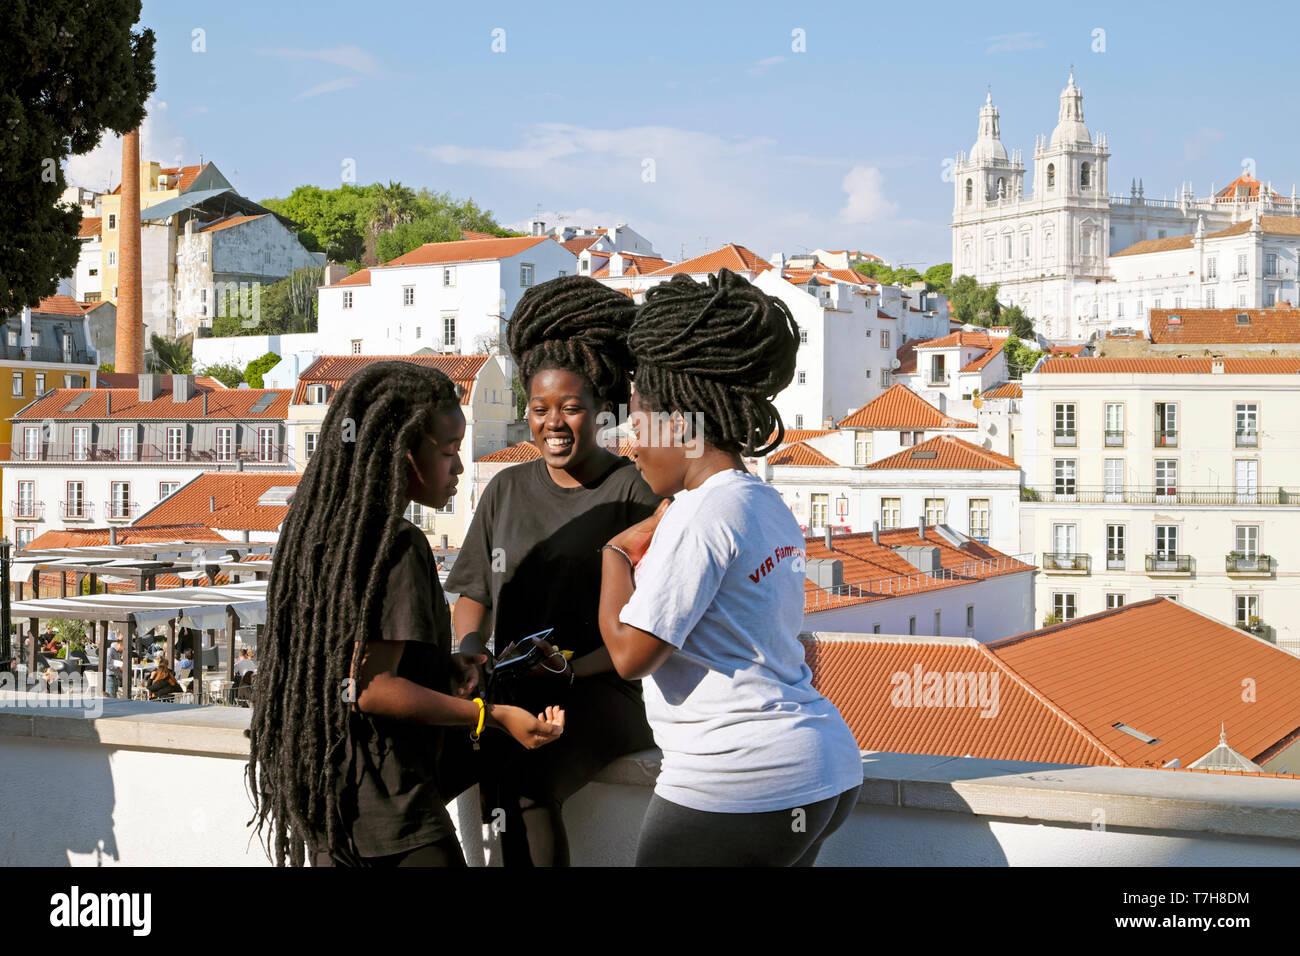 Gruppe Von Madchen Junge Frauen Mit Afrikanischen Frisuren Frisur